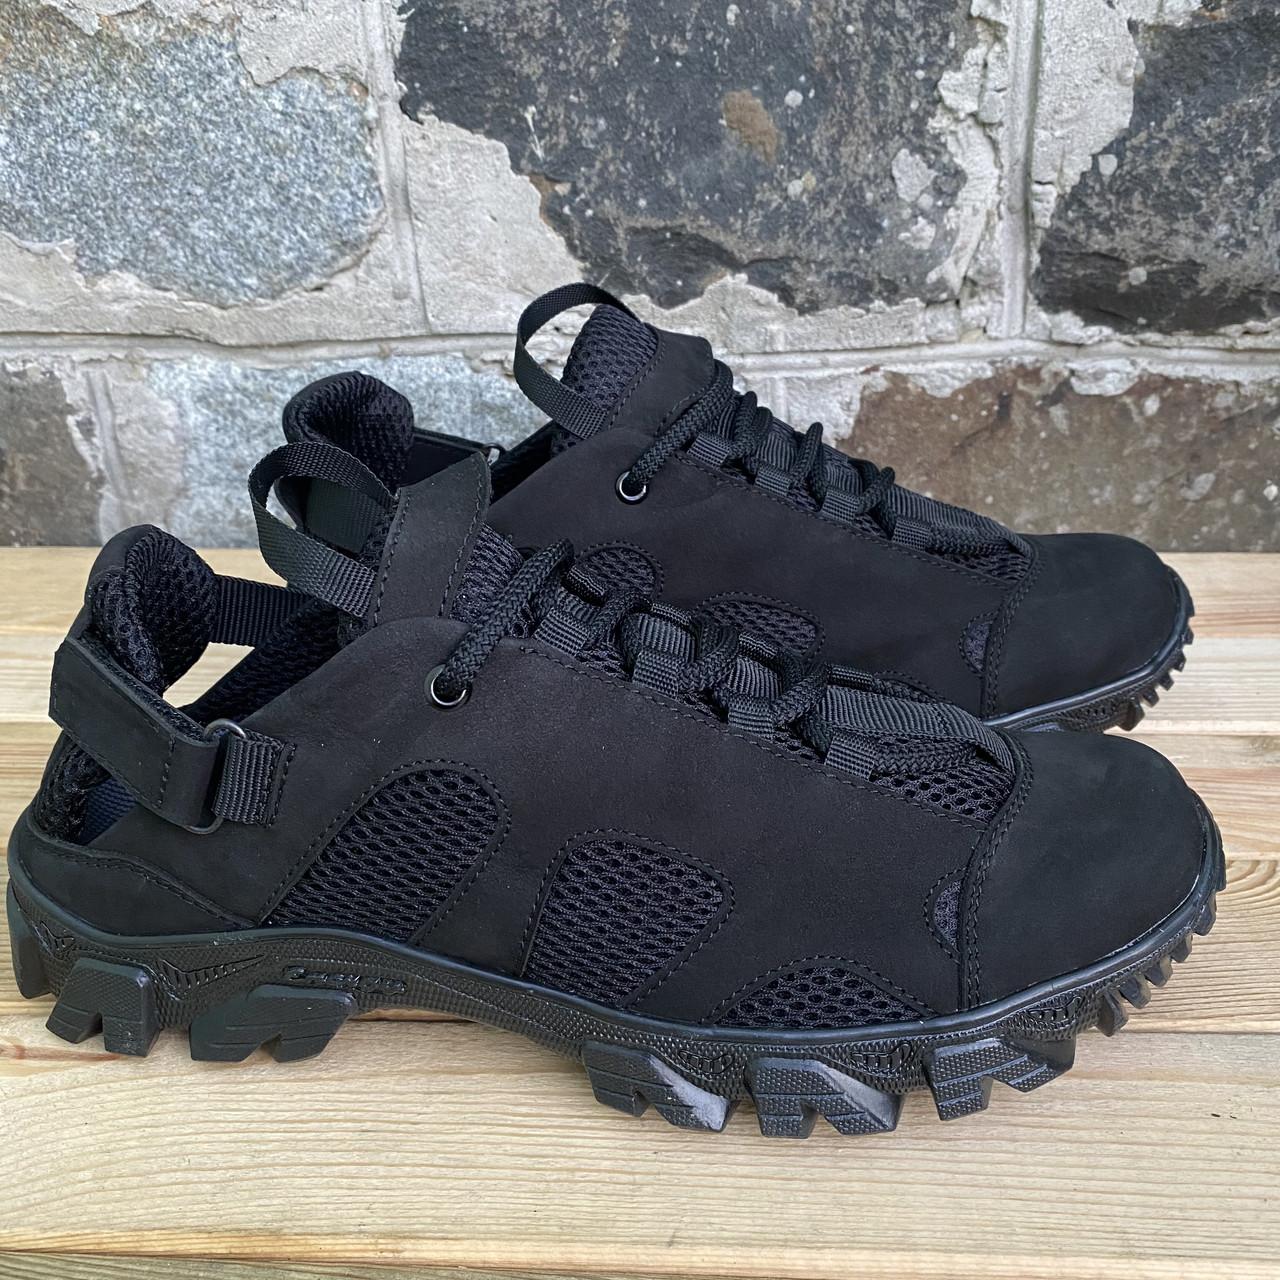 Тактичні сандалі колір чорний полегшені З - 12 чорний